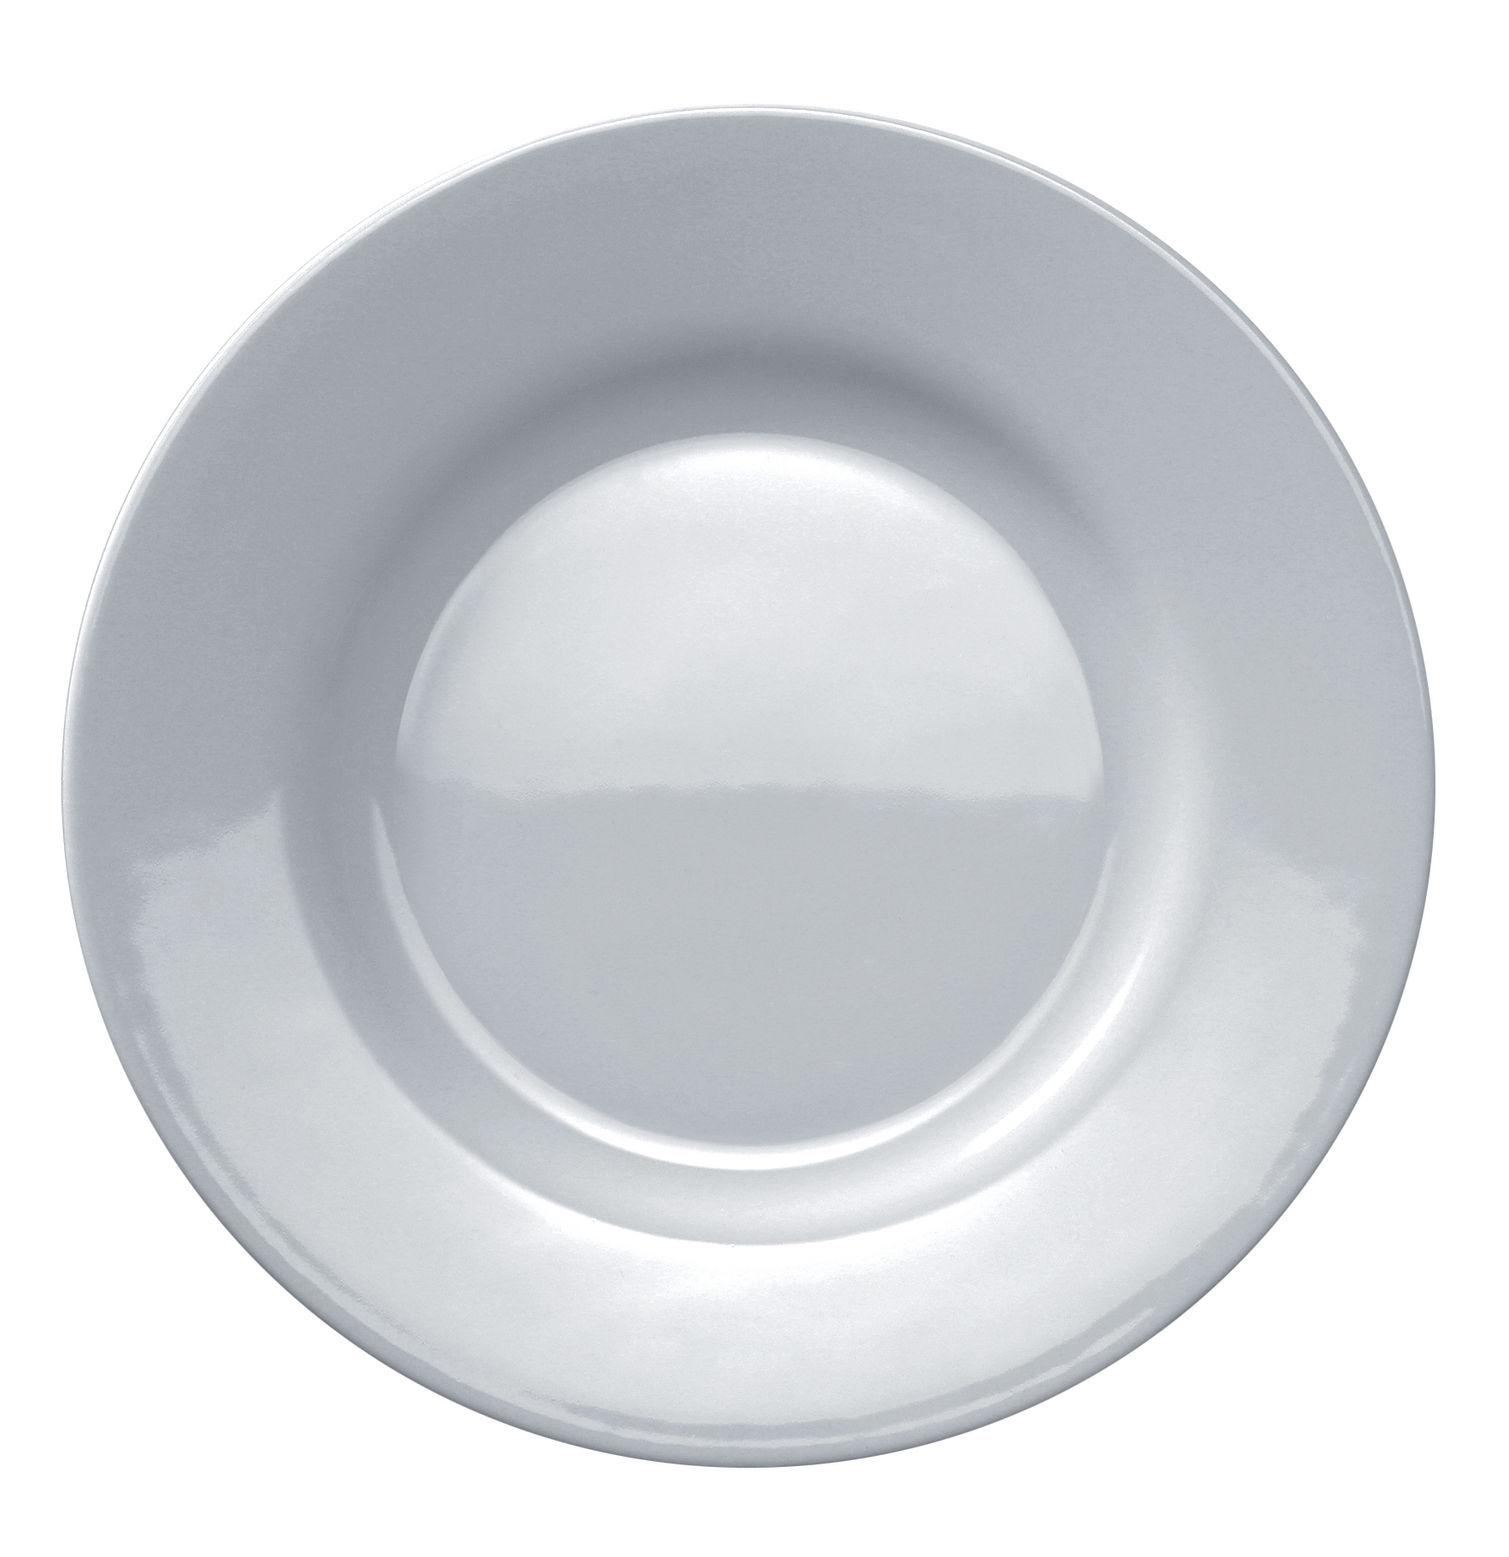 Tavola - Piatti  - Piatto da dessert Platebowlcup di A di Alessi - Bianco - Porcellana